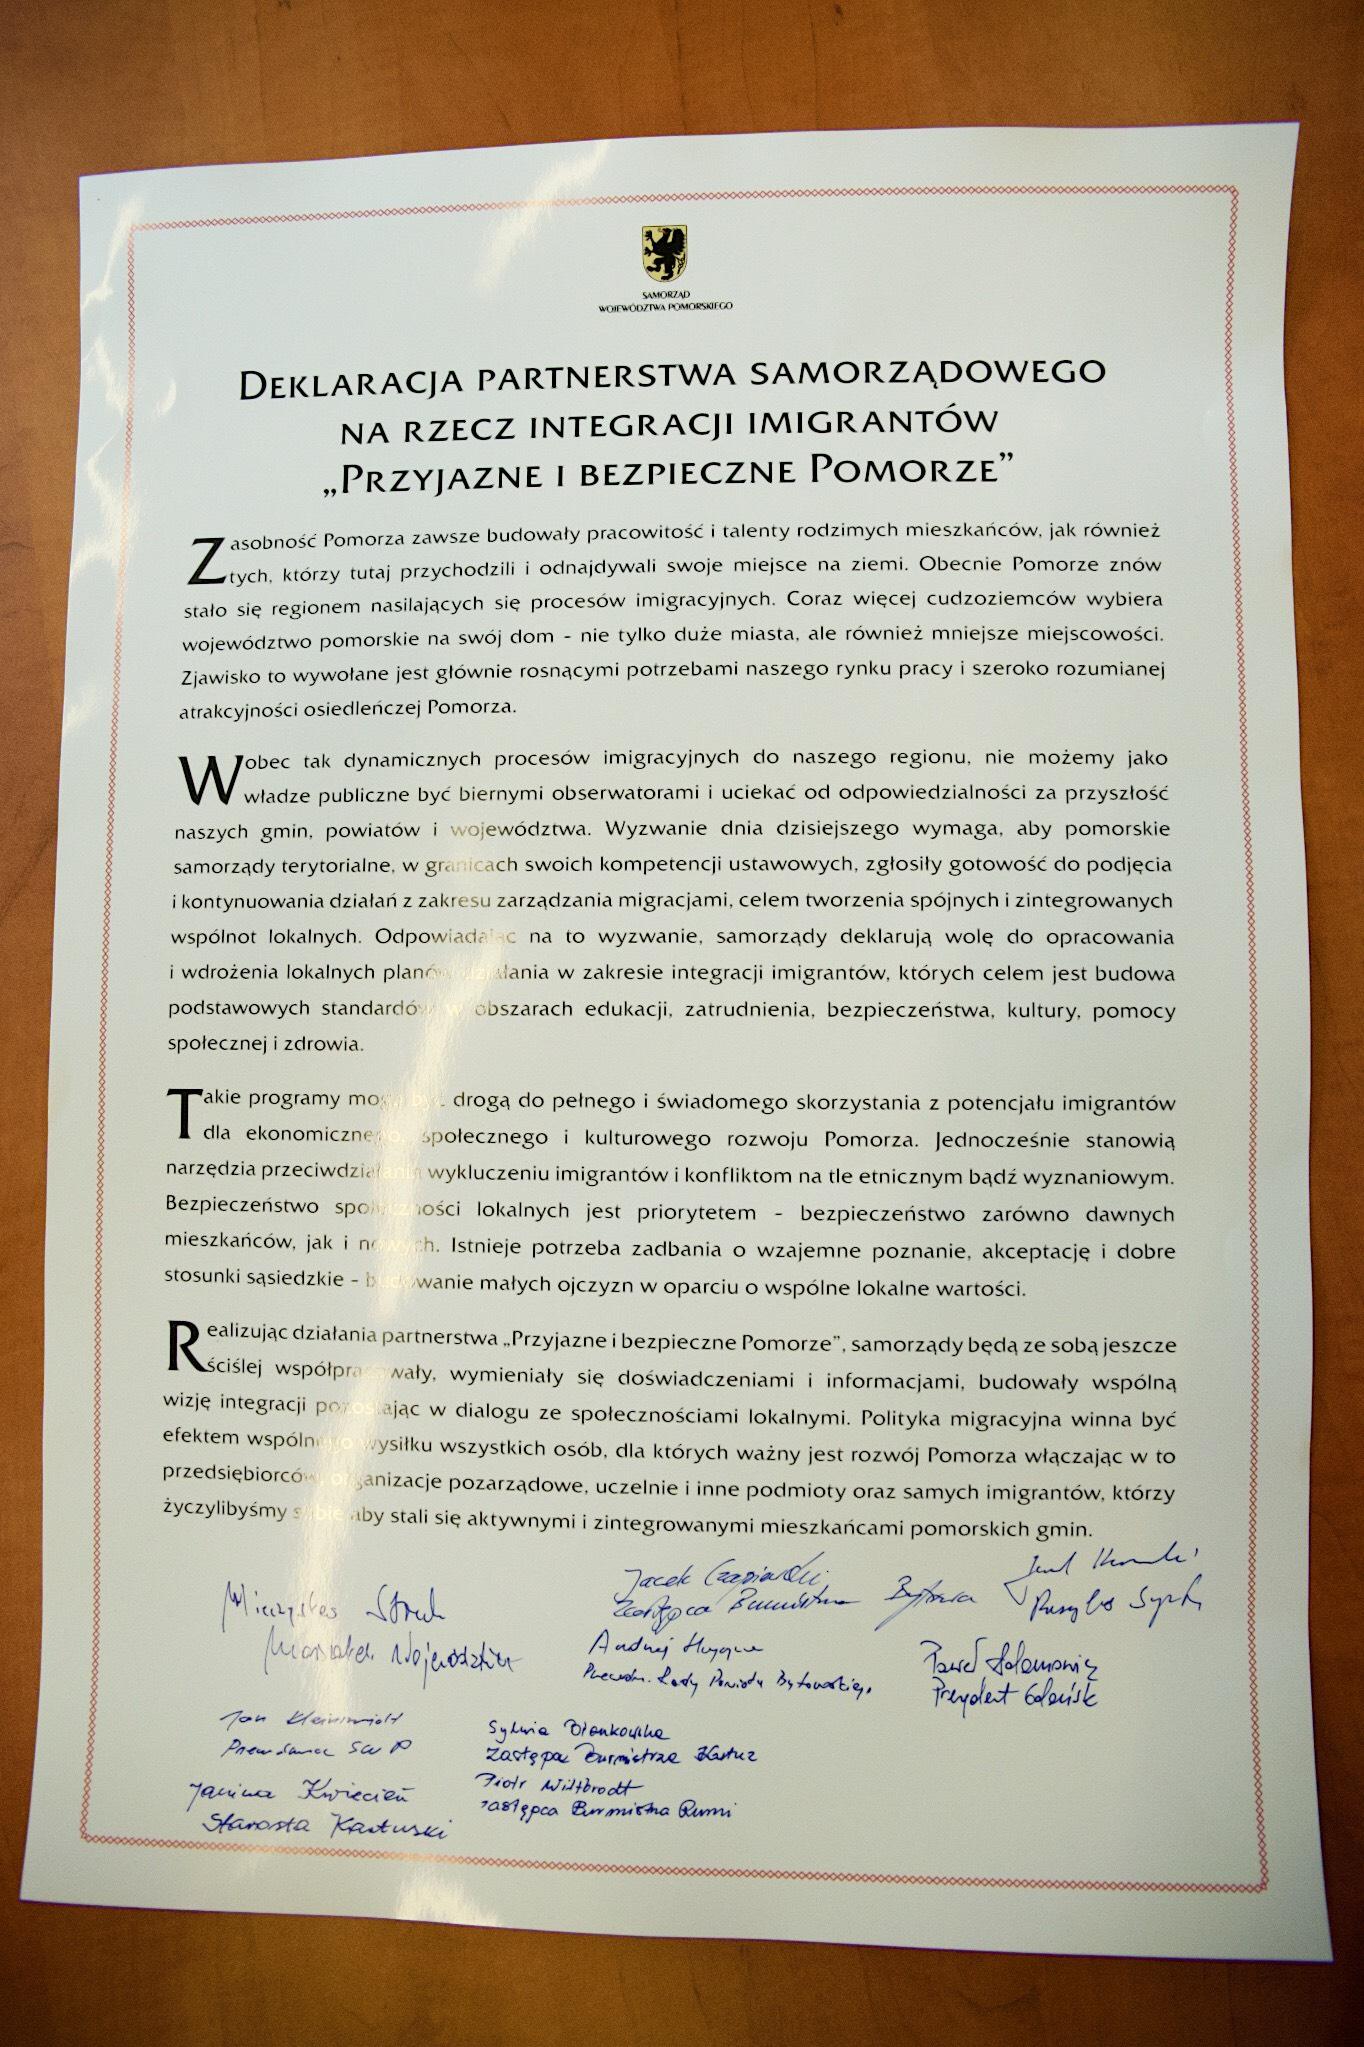 Deklaracja Przyjazne i bezpieczne Pomorze. (fot. UM Gdańsk)